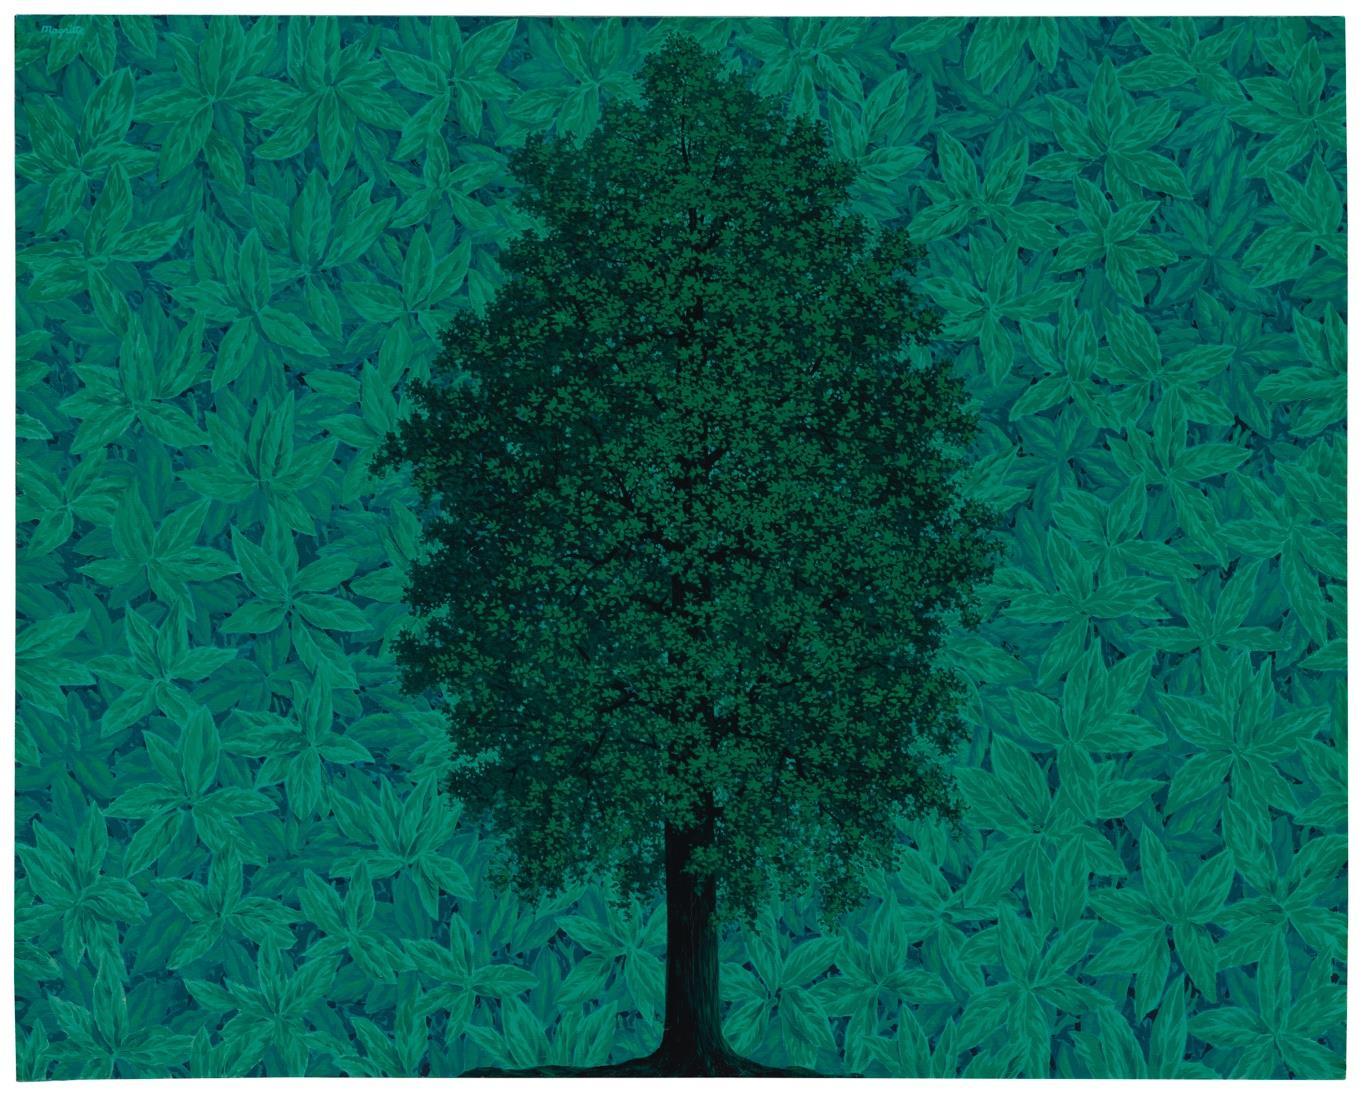 René Magritte illumina la sessione londinese dell'asta ONE di Christie's